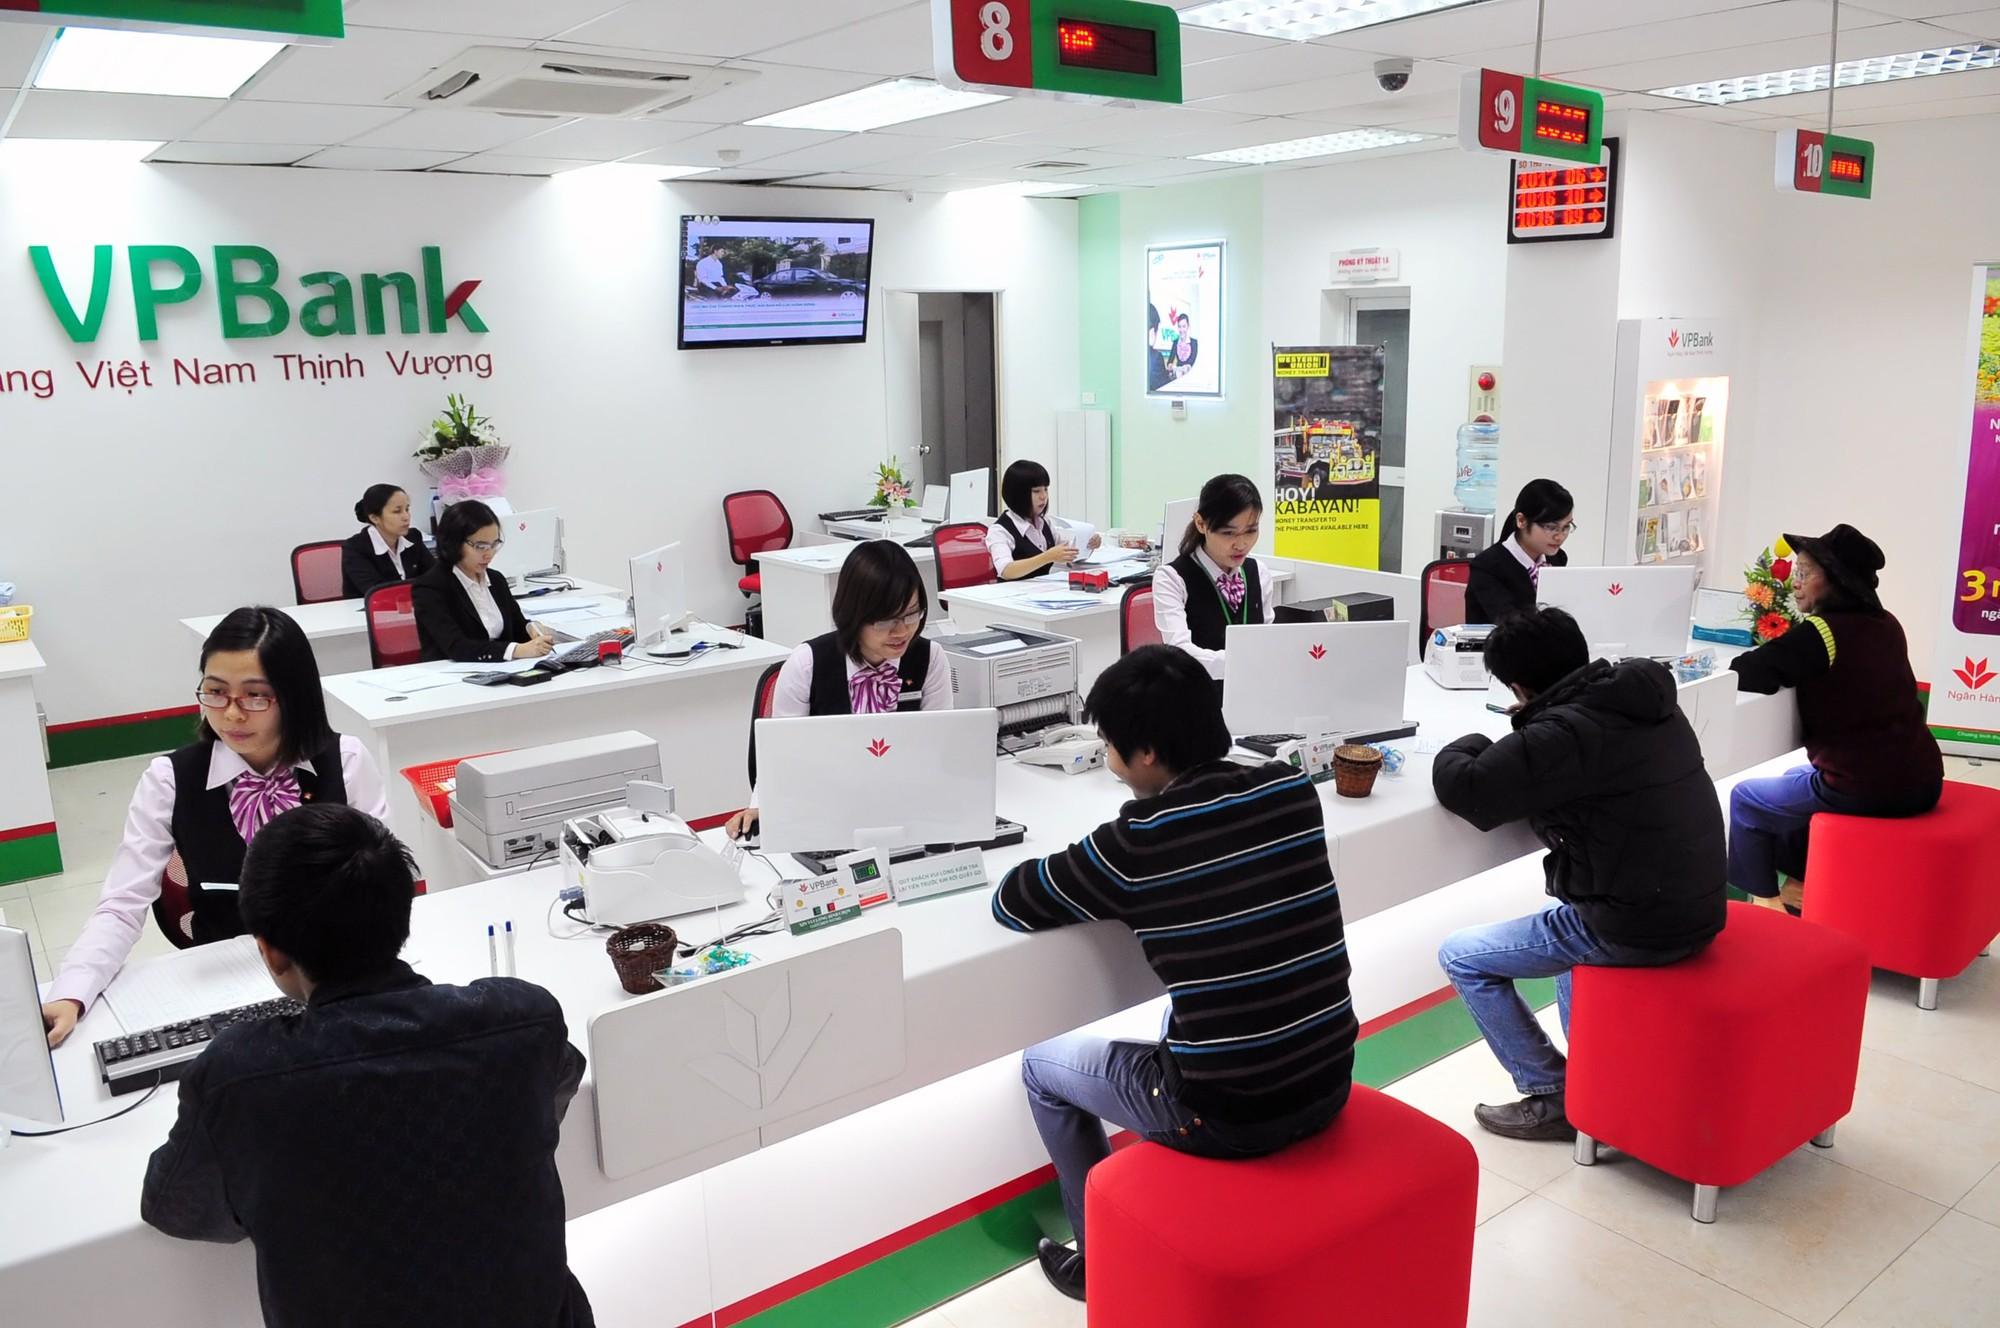 Lãi-suất-tiền-gửi-tiết-kiệm-ngân-hàng-VP-Bank-mới-nhất